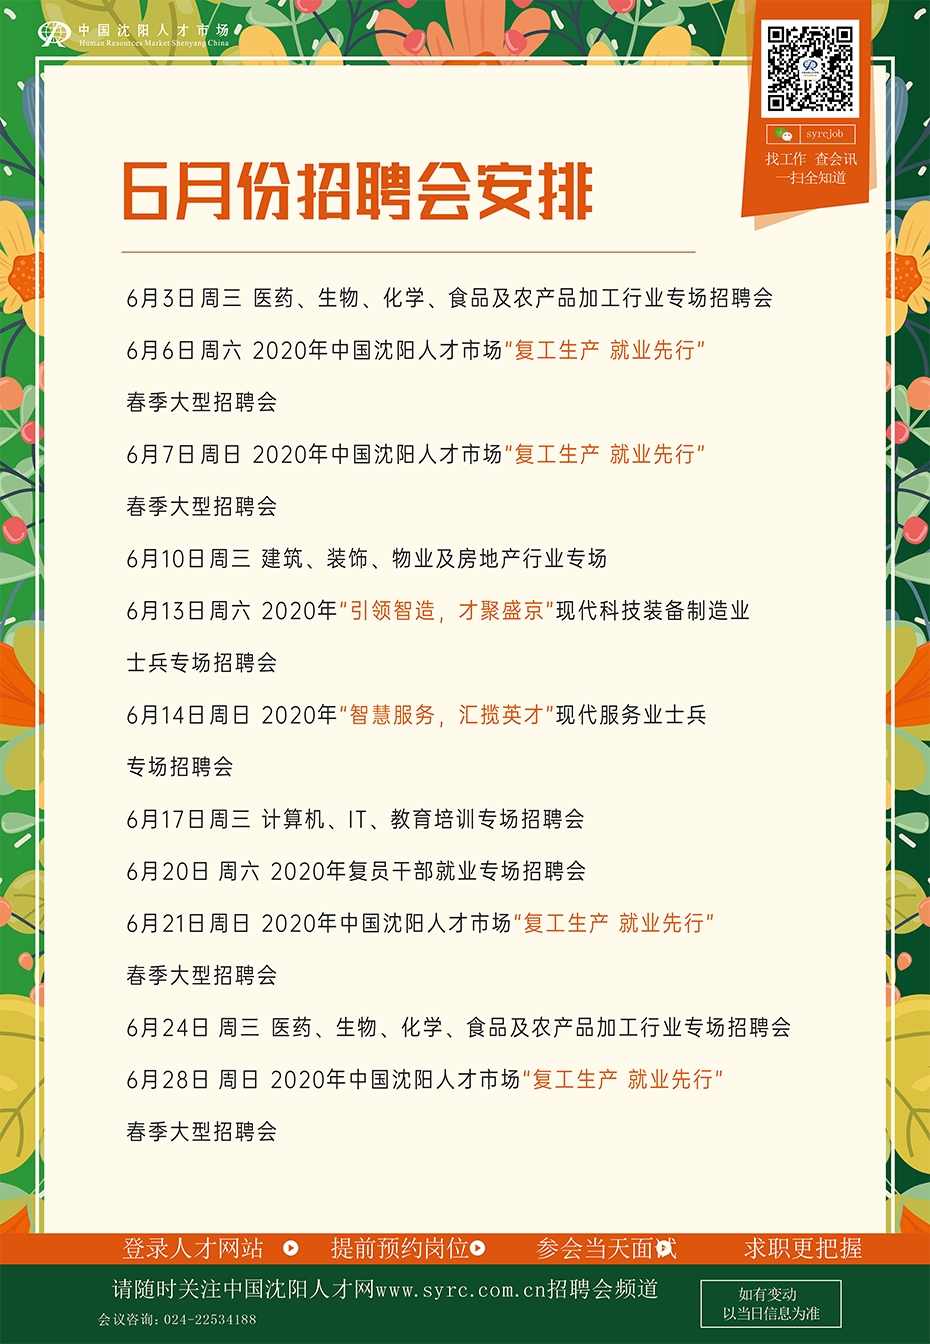 中国沈阳人才市场6月份招聘会安排